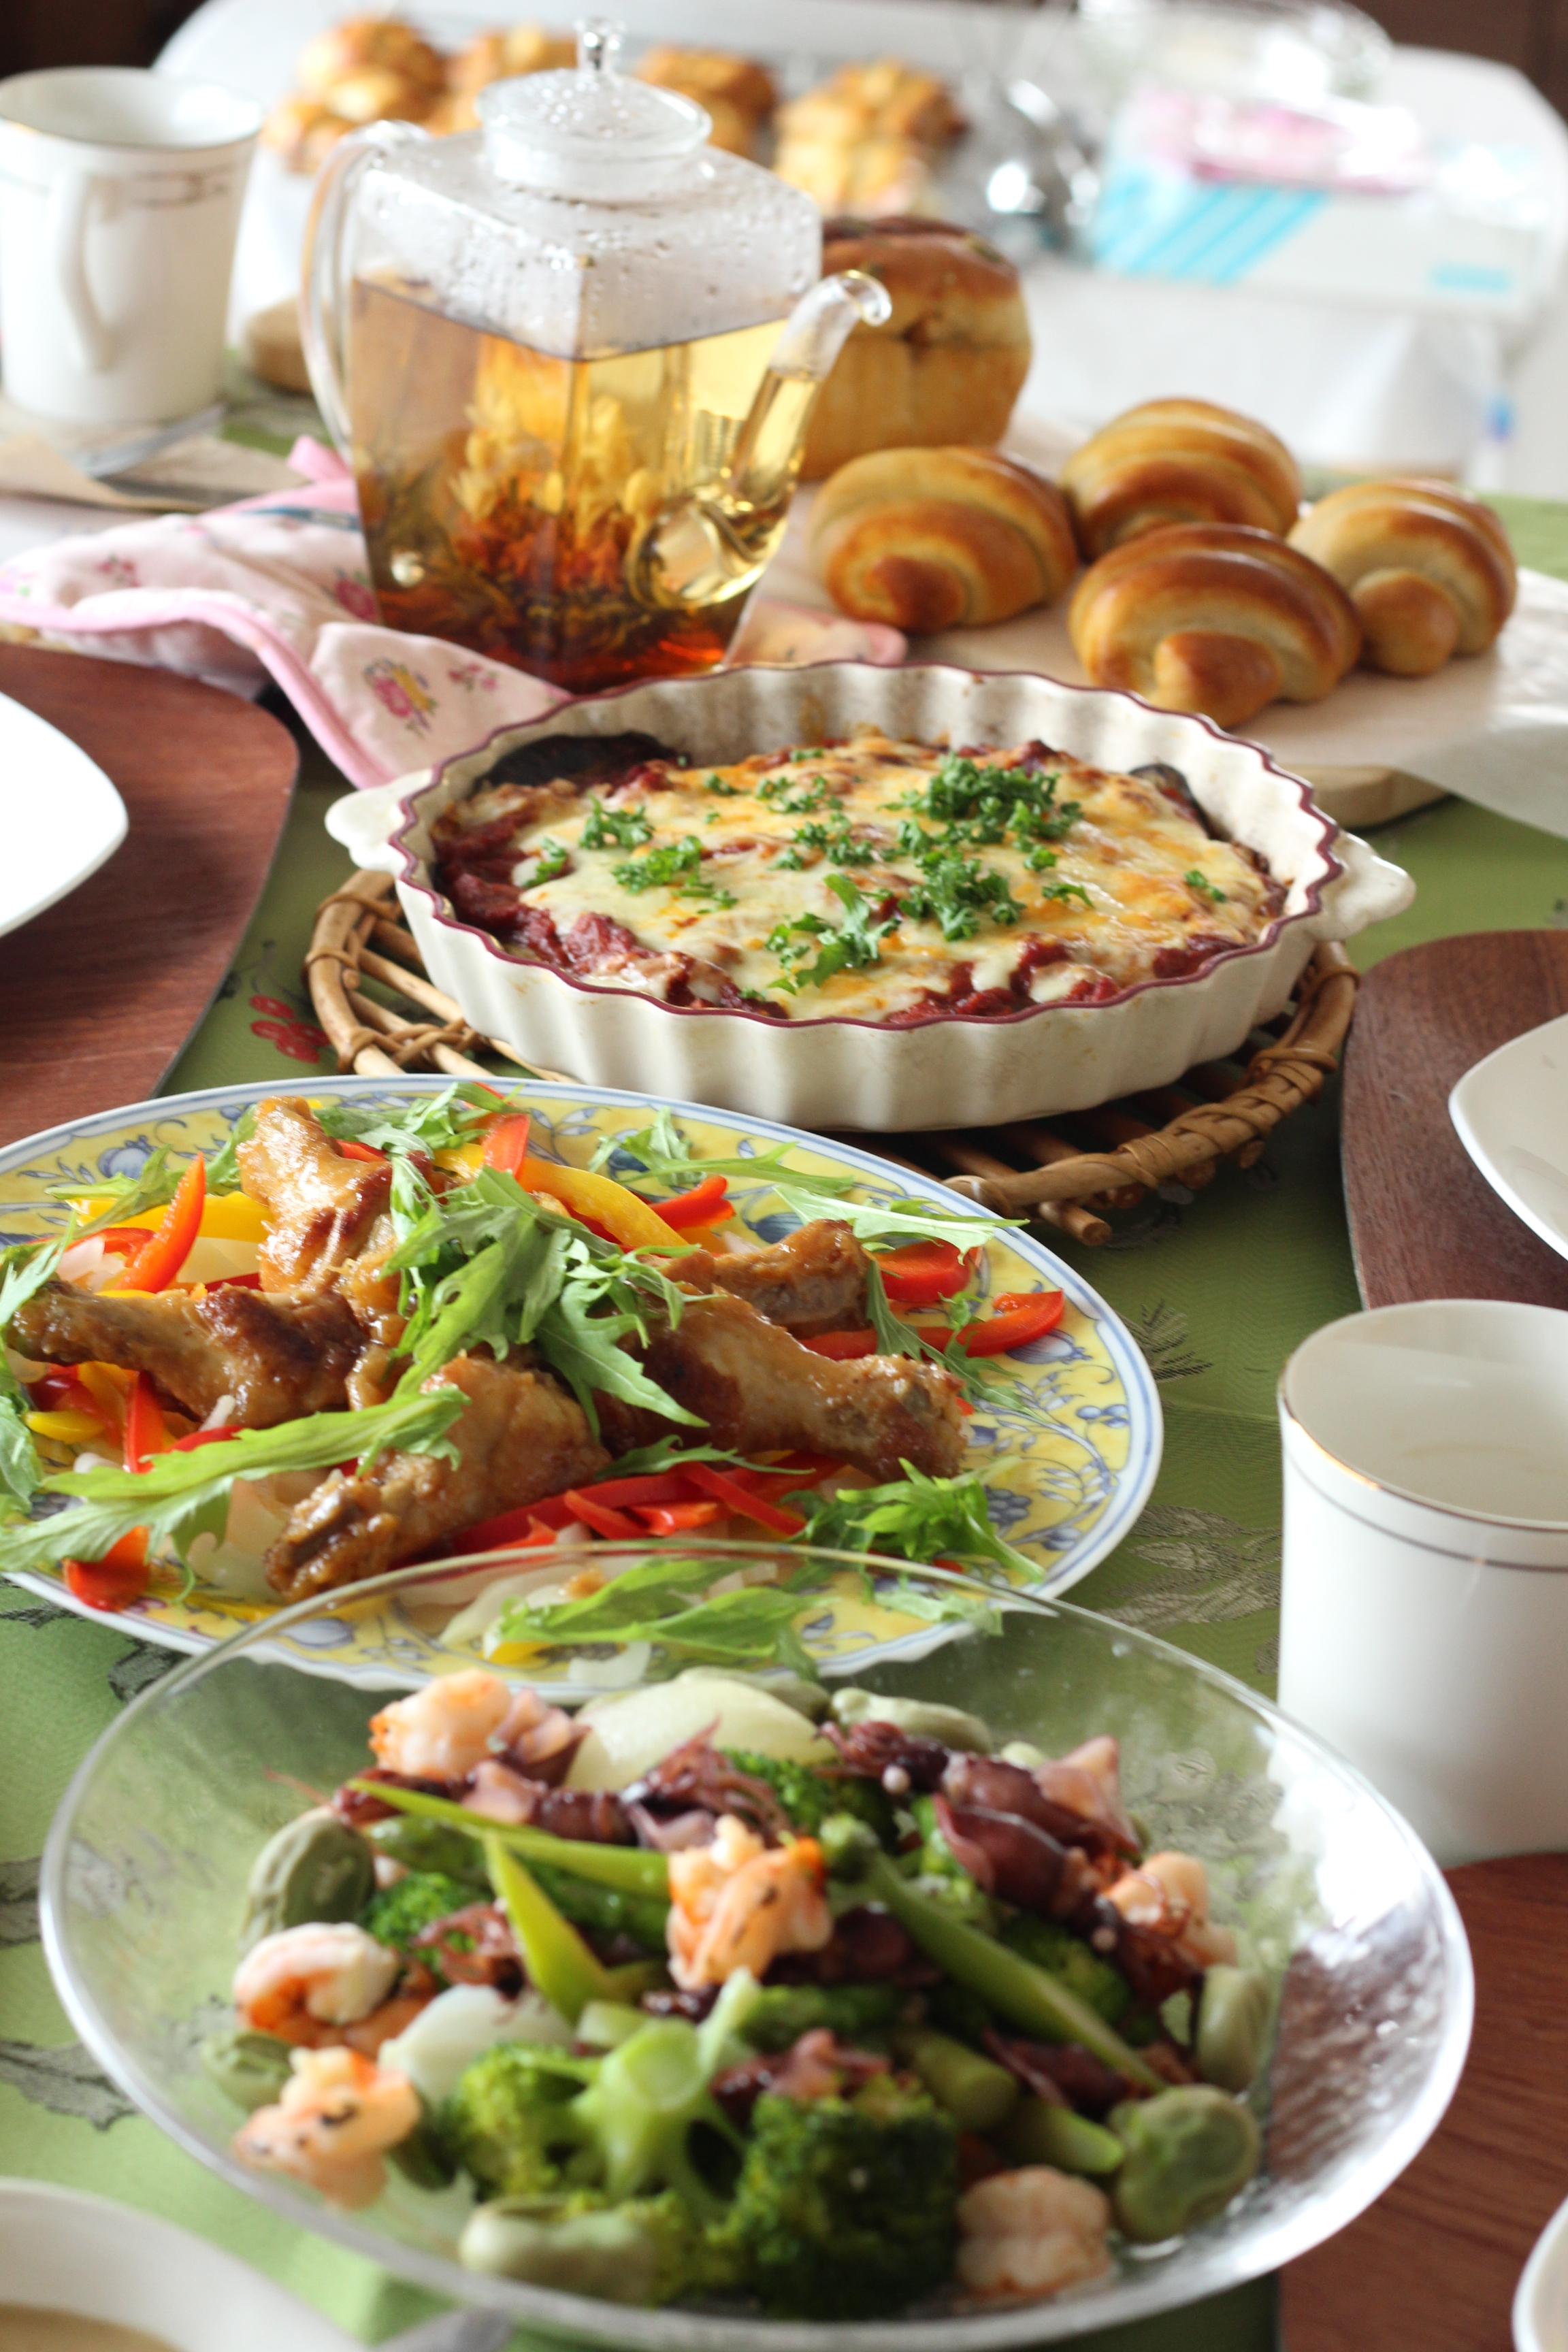 阿倍野区西田辺a-ta-sante糖質制限パン料理教室。京都江部粉糖質制限パンベーシックコース1回目『ナッツブレッド&バターロール』